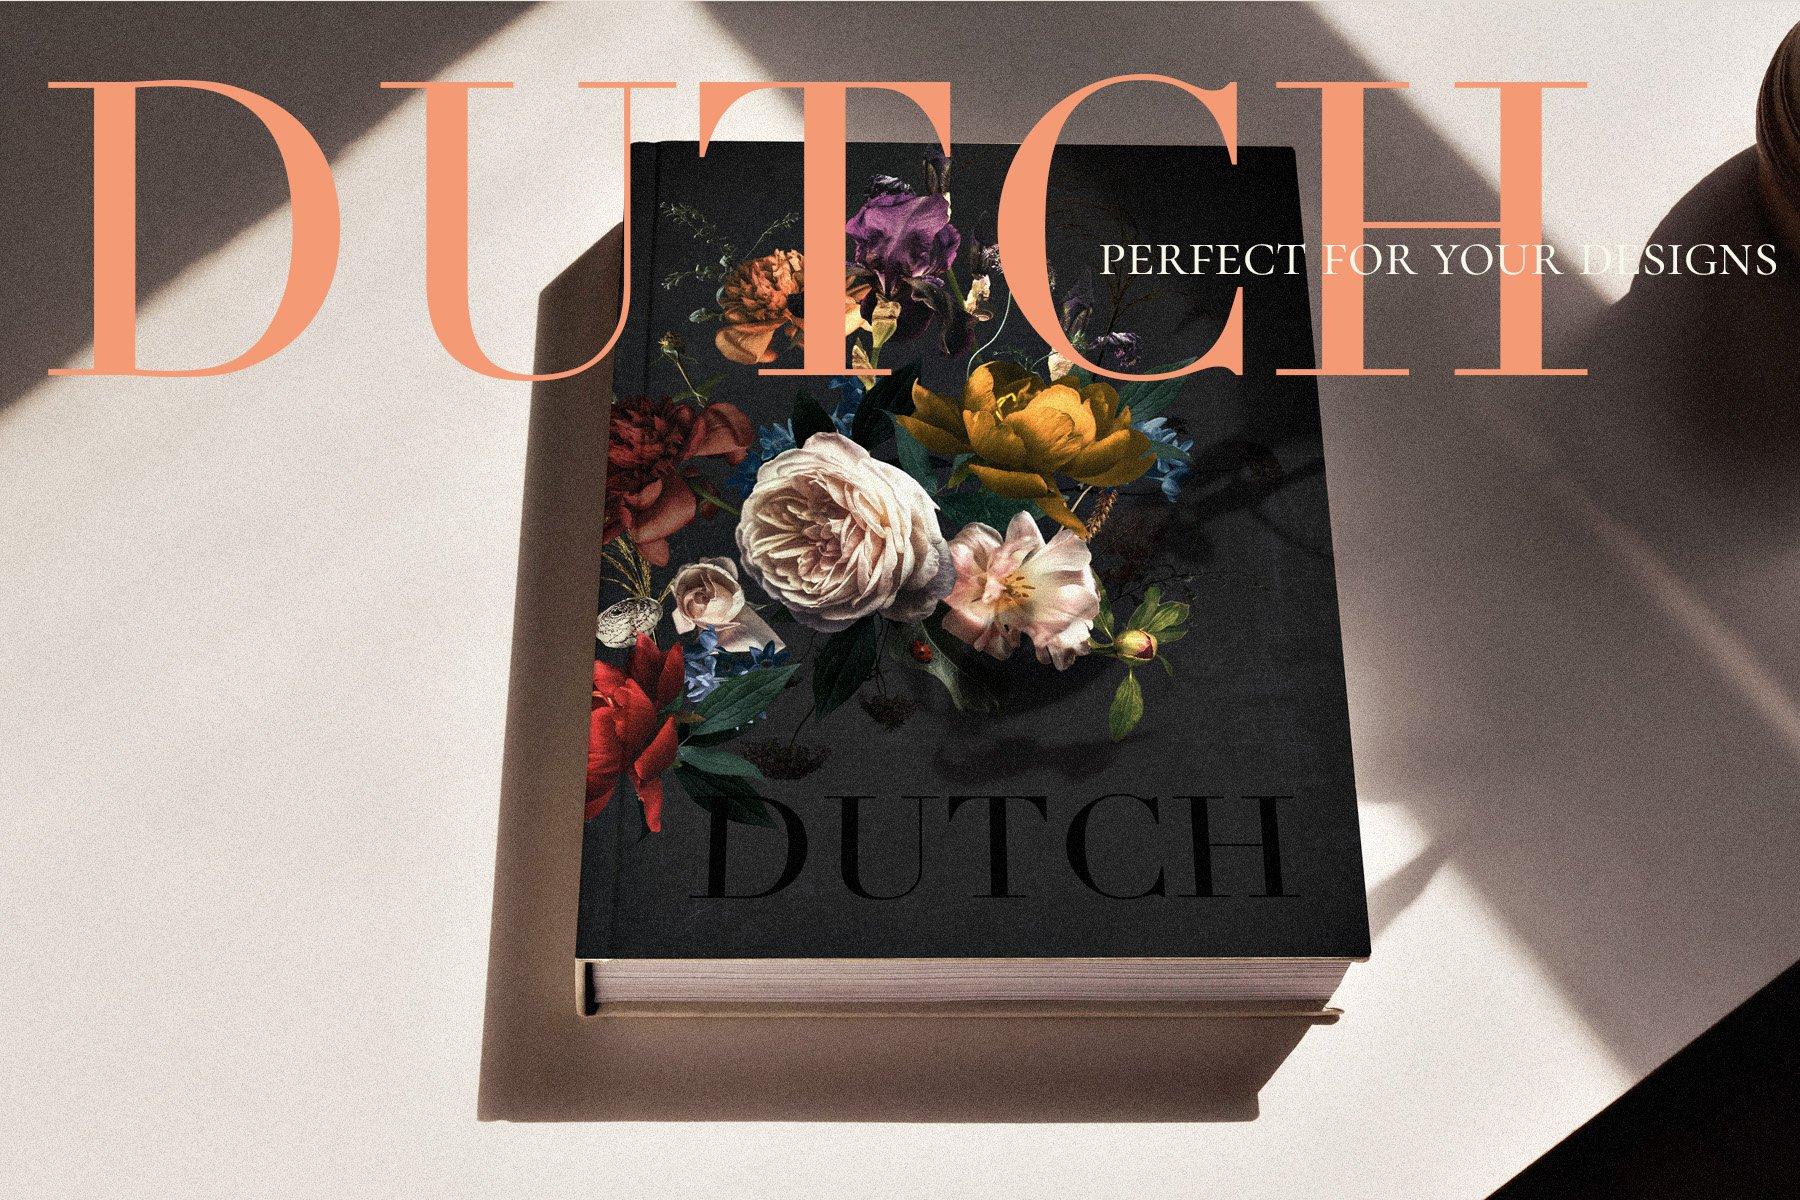 奢华复古宫廷花卉植物海报视觉设计PNG图片素材 Vintage Floral Clip Art – Dutch插图(10)